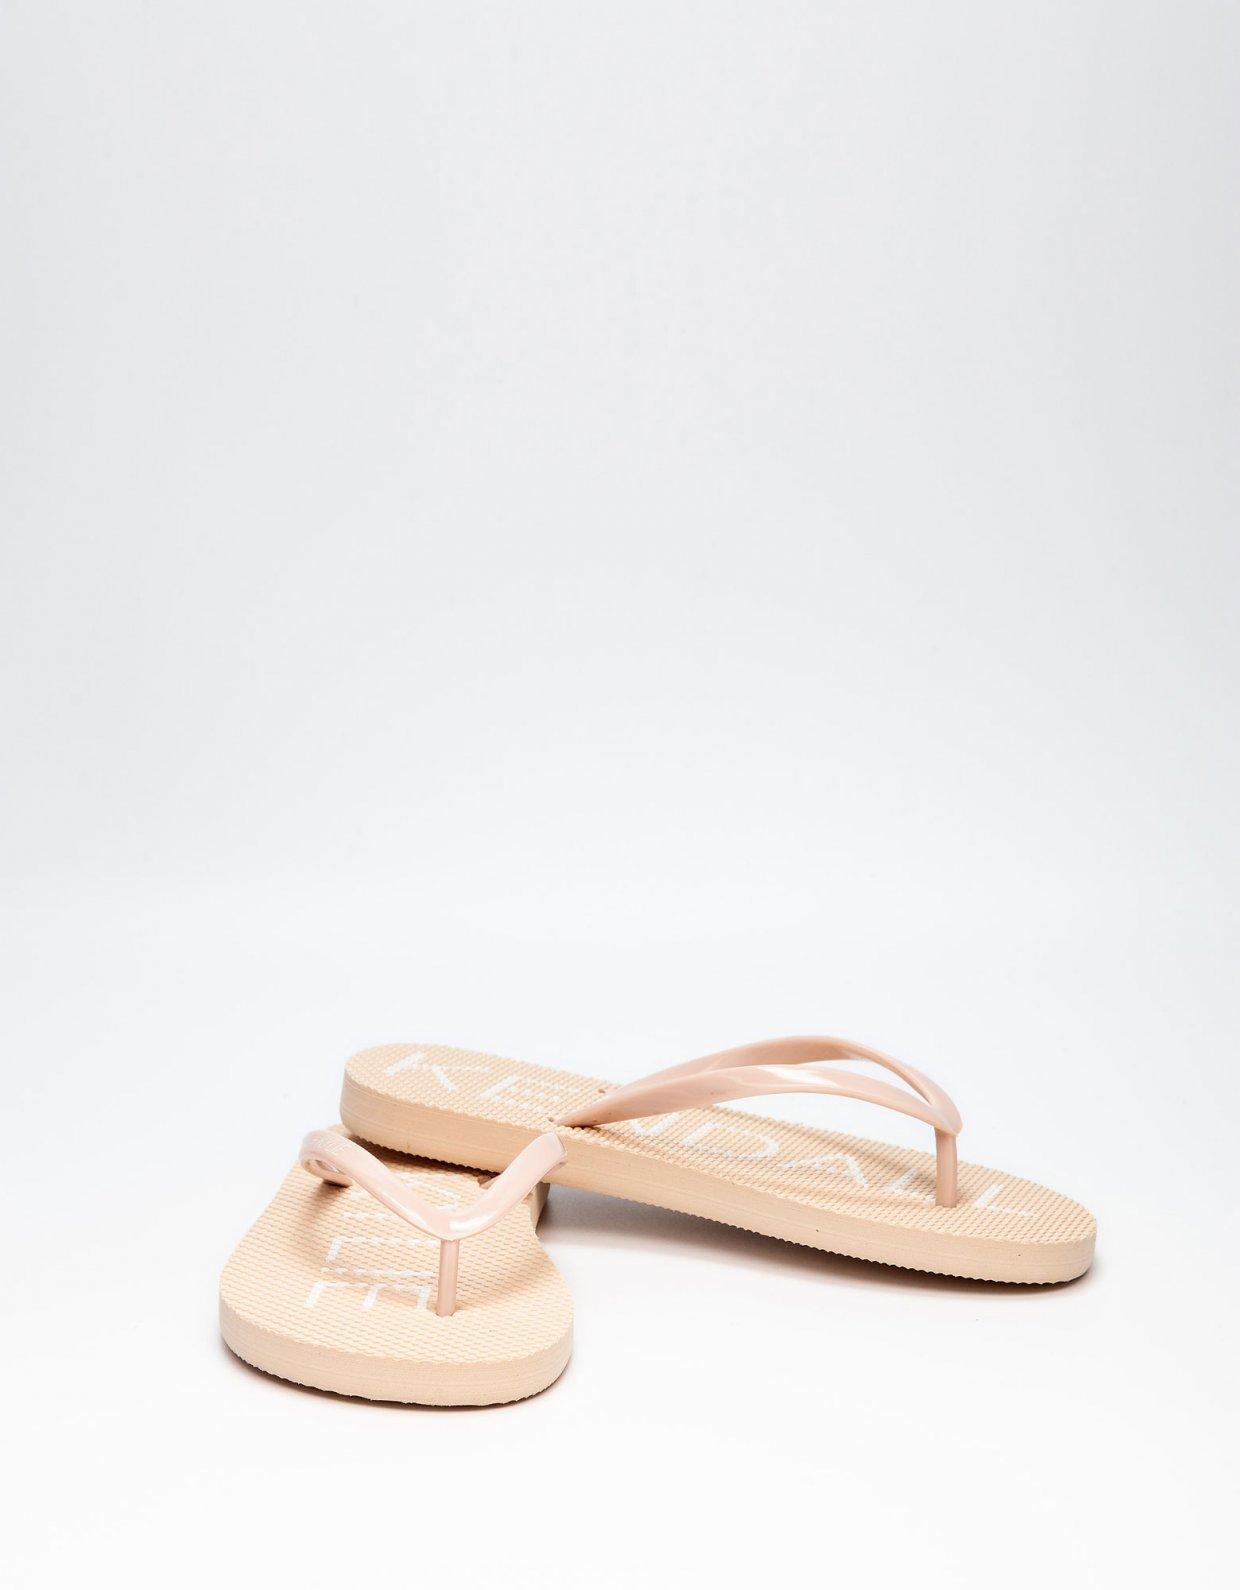 Kendall + Kylie KK Eva thong slippers nude